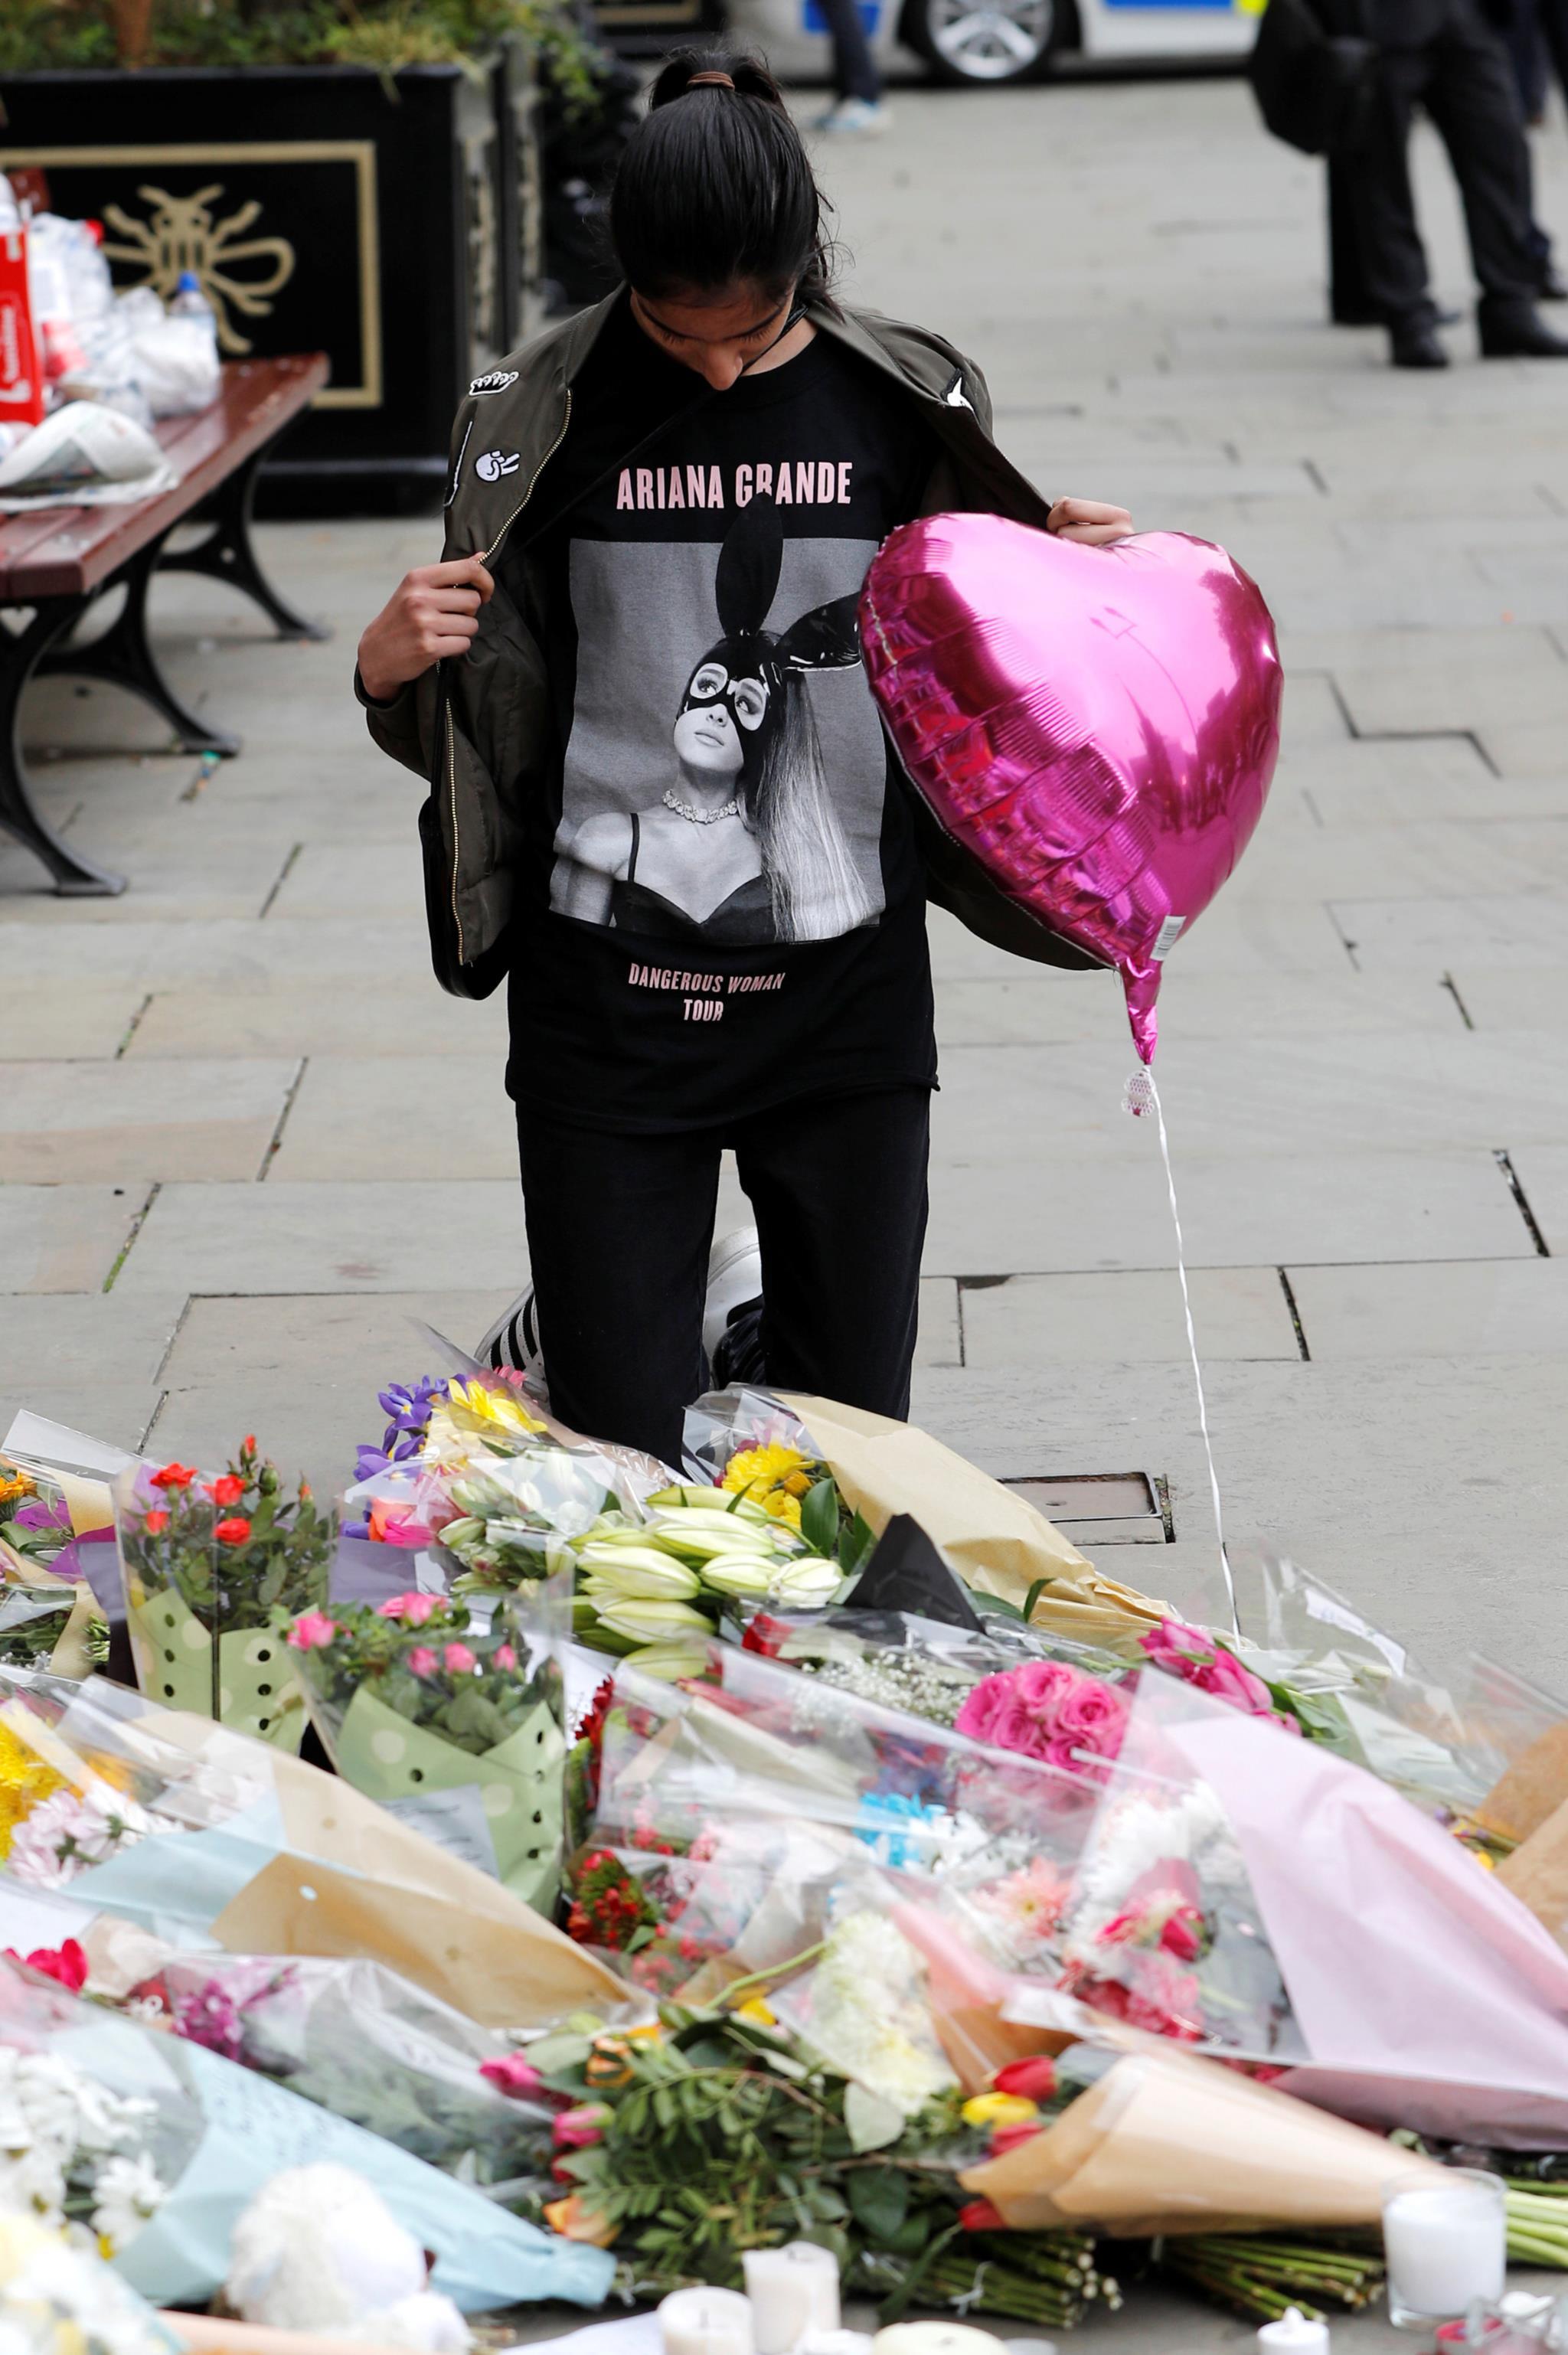 Uma fã de Ariana Grande num memorial com flores pelas vítimas do atentado que aconteceu no final do concerto da cantora, em Manchester